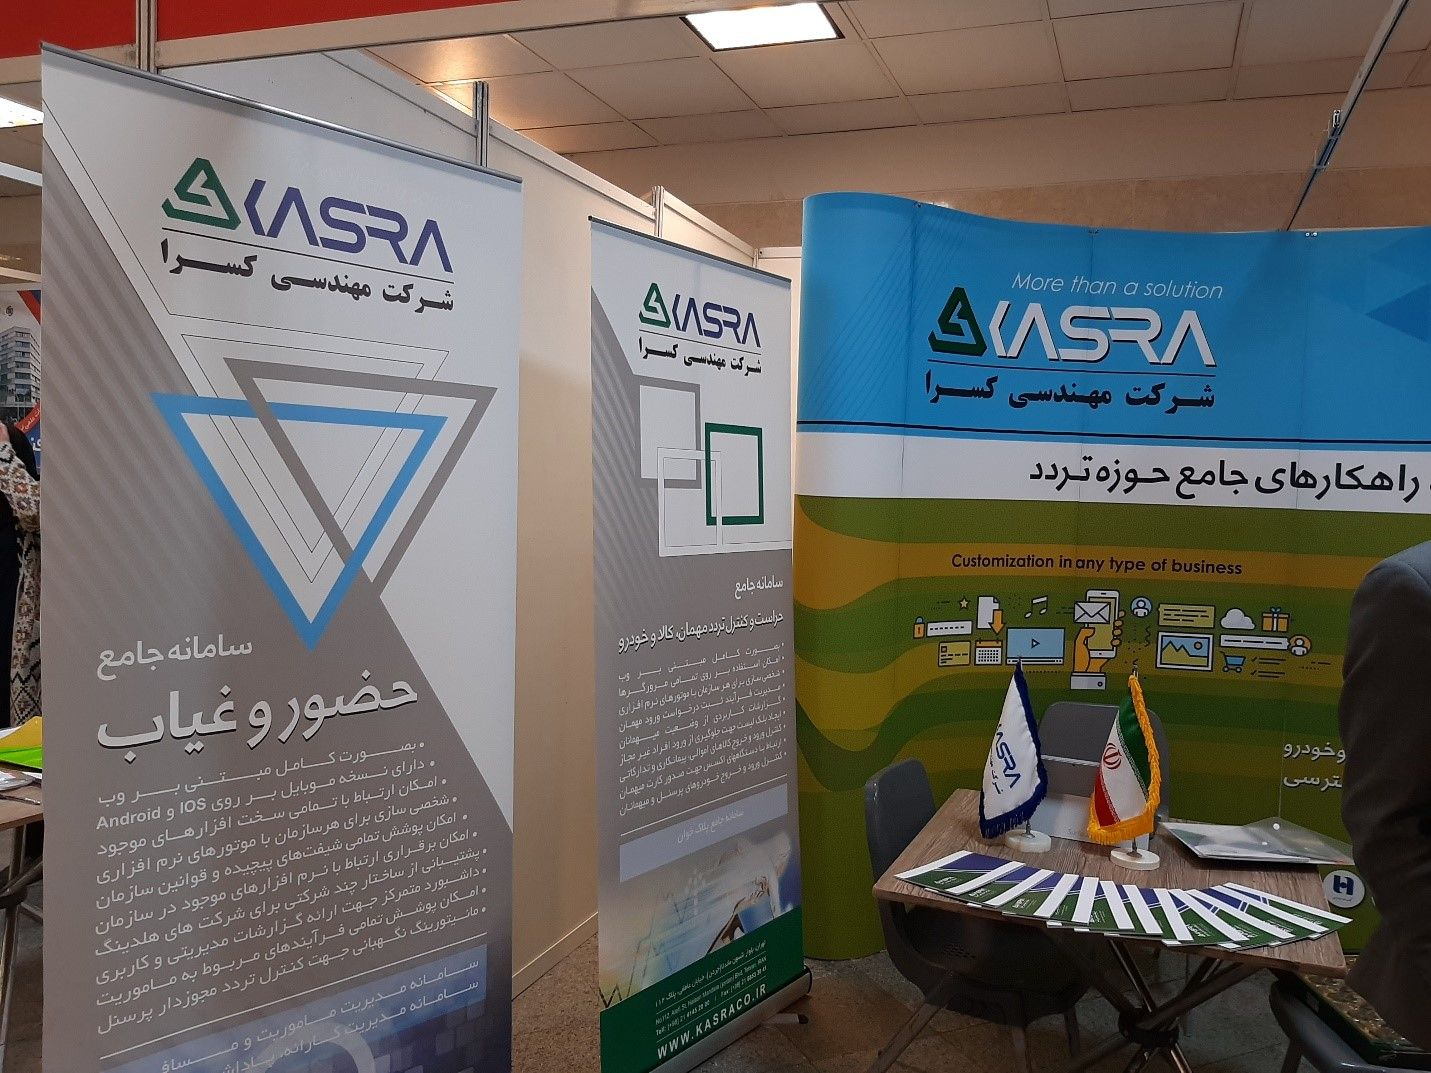 """""""کسرا"""" به عنوان حامی هفتمین همایش ملی مدیران فناوری اطلاعات  ایران"""